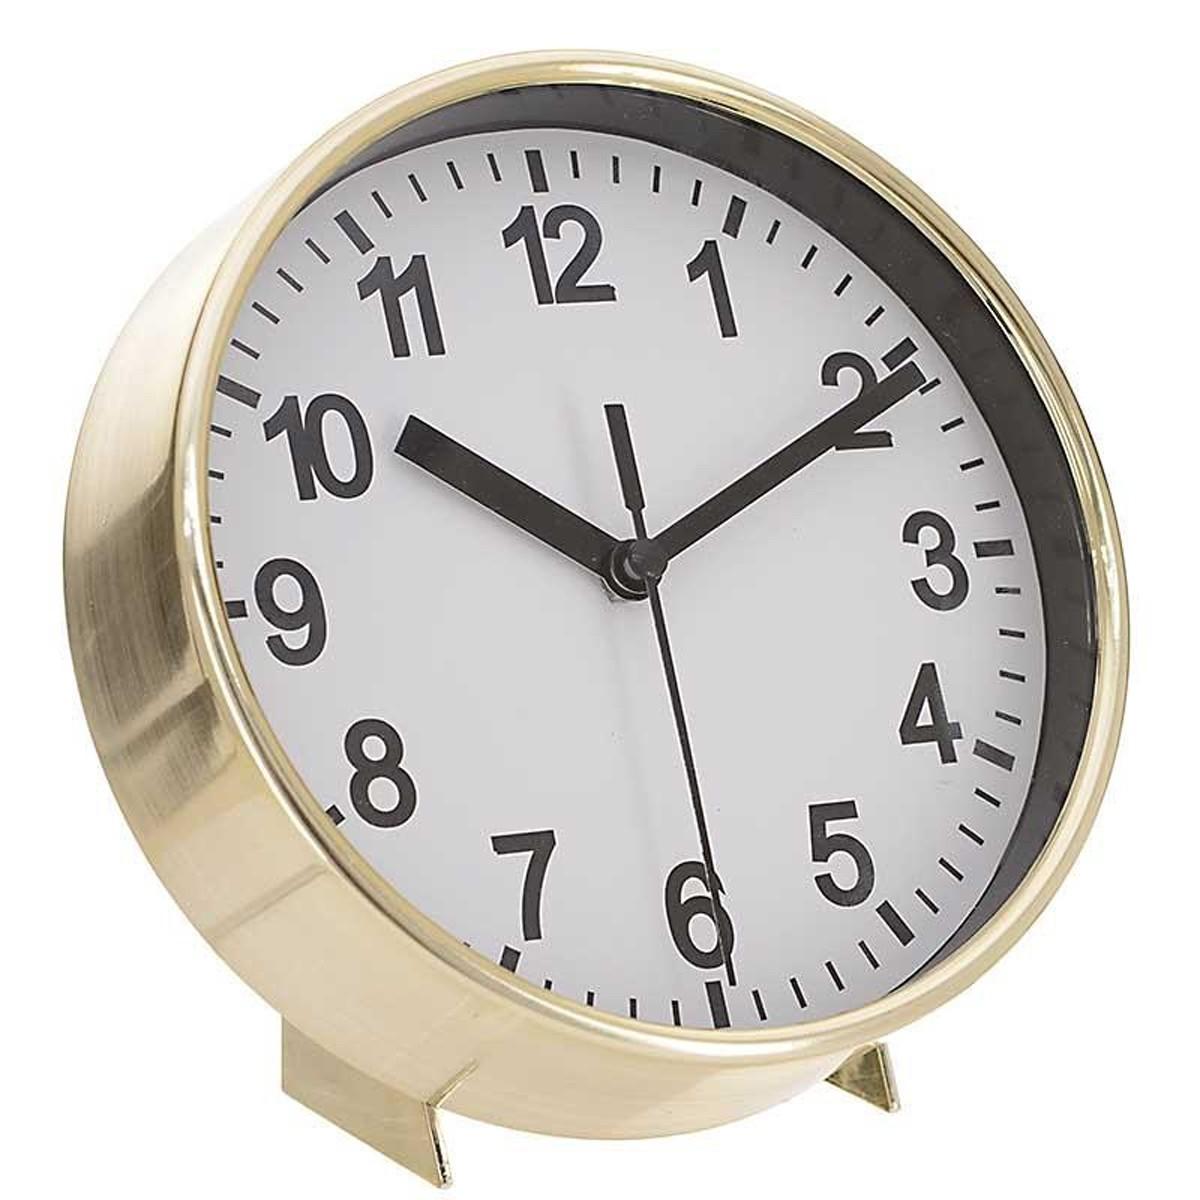 Επιτραπέζιο Ρολόι InArt 3-20-828-0069